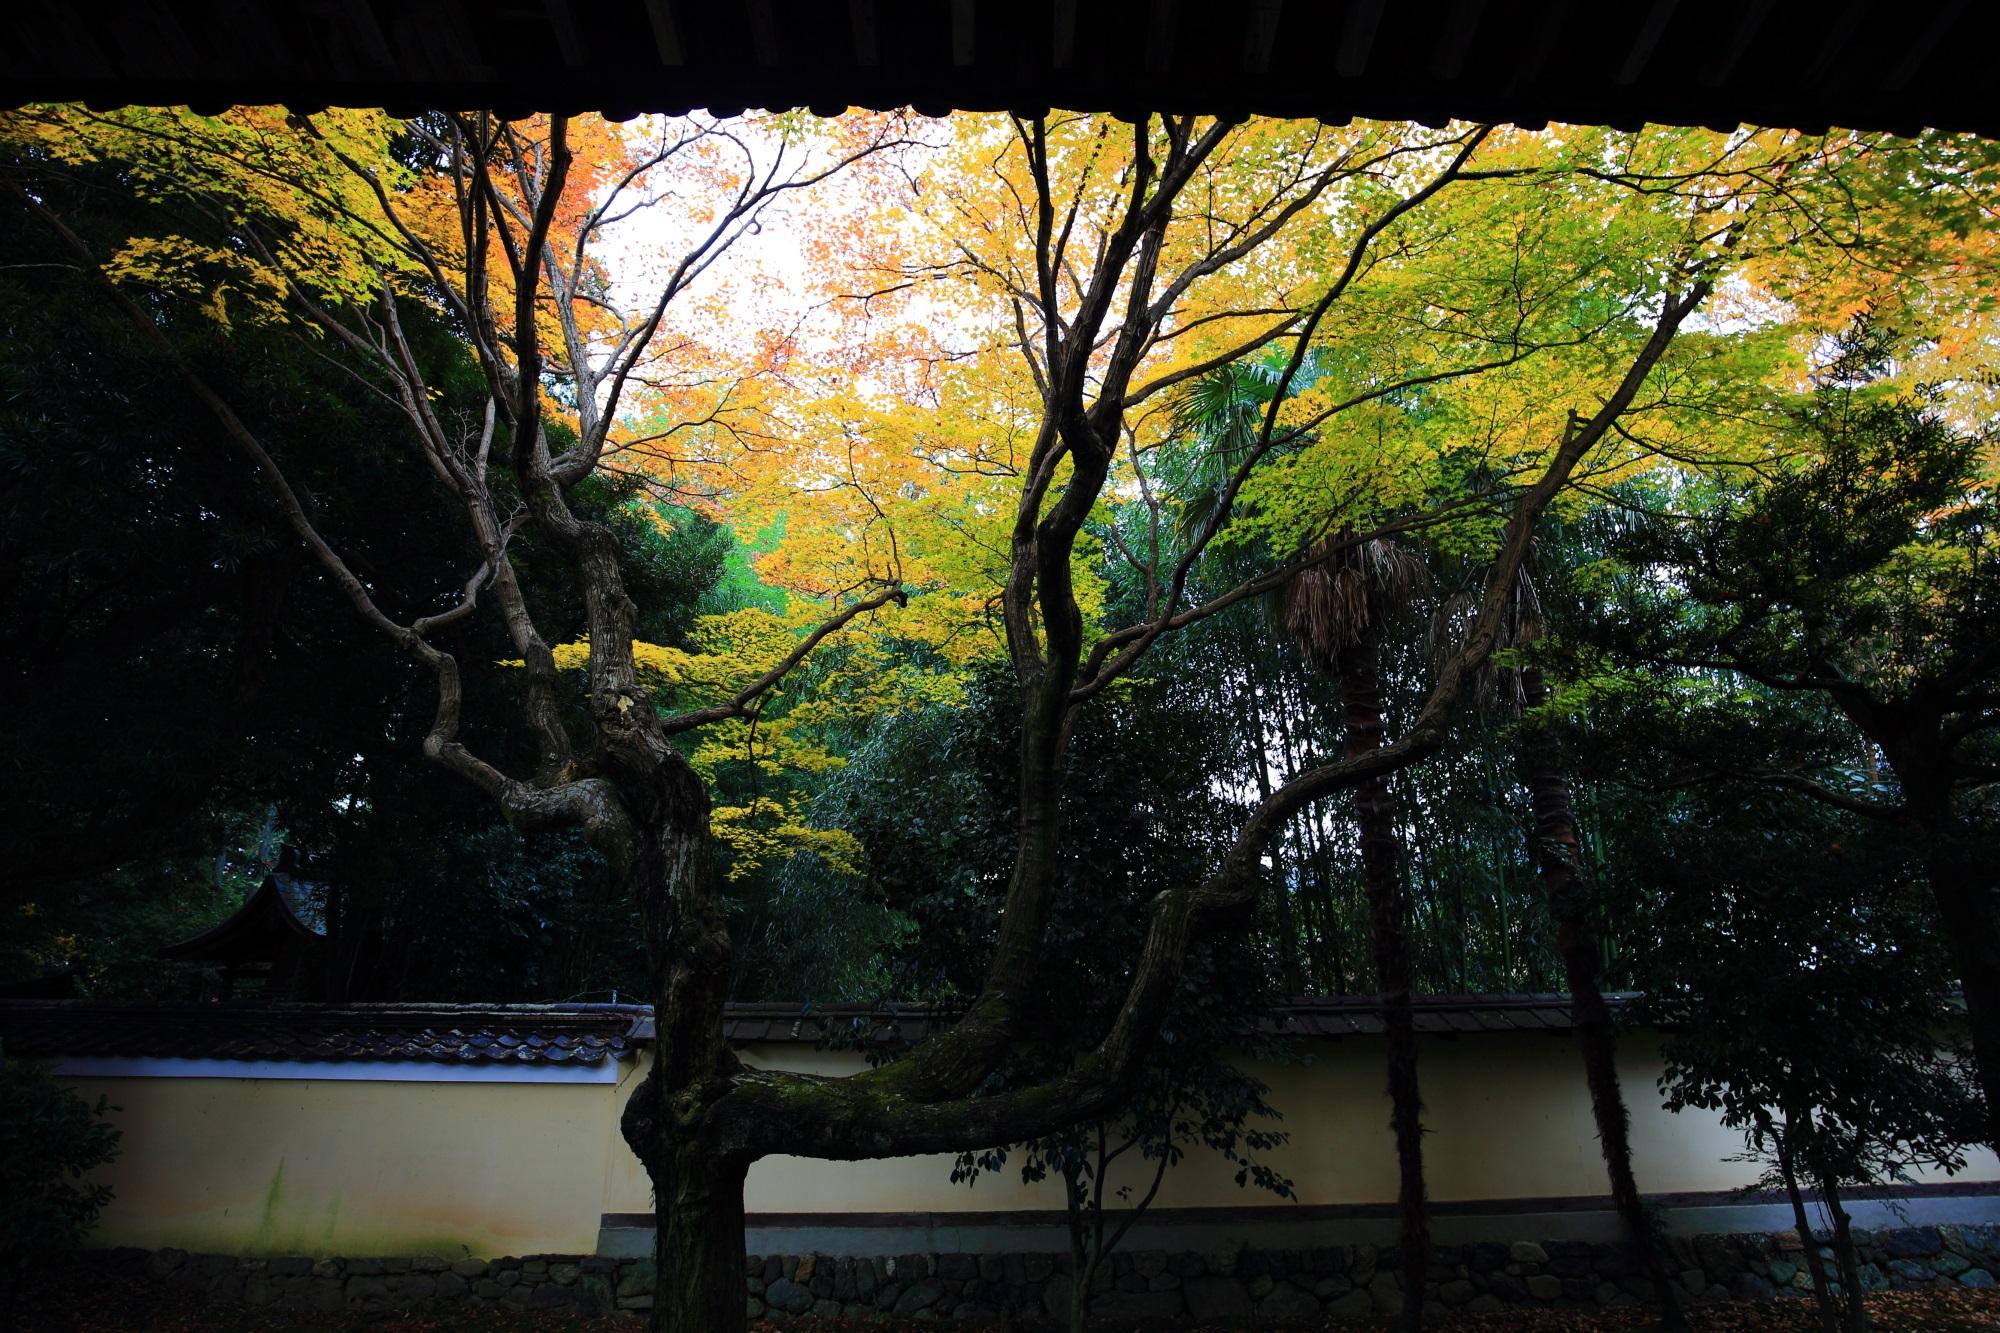 鹿王院の舎利殿裏の優美な紅葉